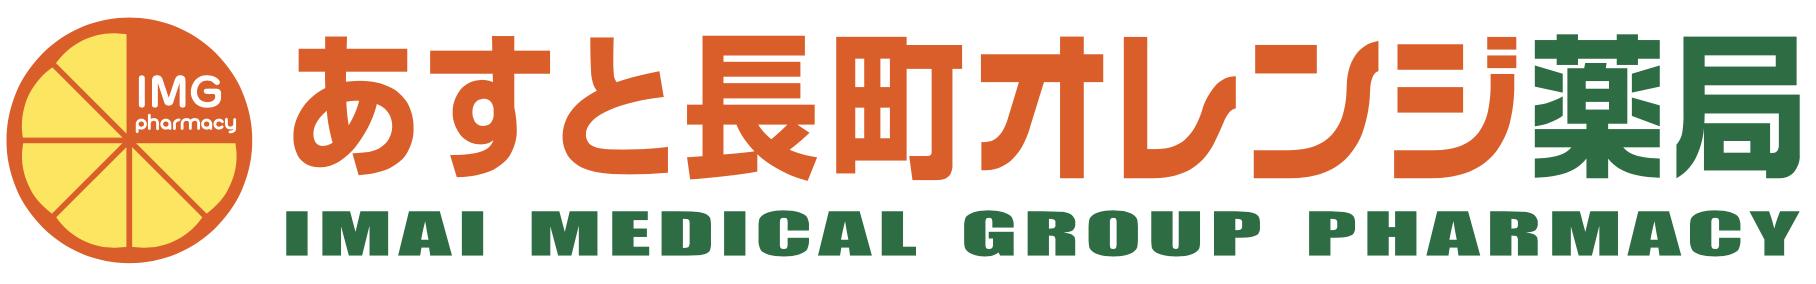 あすと長町オレンジ薬局|仙台市太白区の調剤薬局